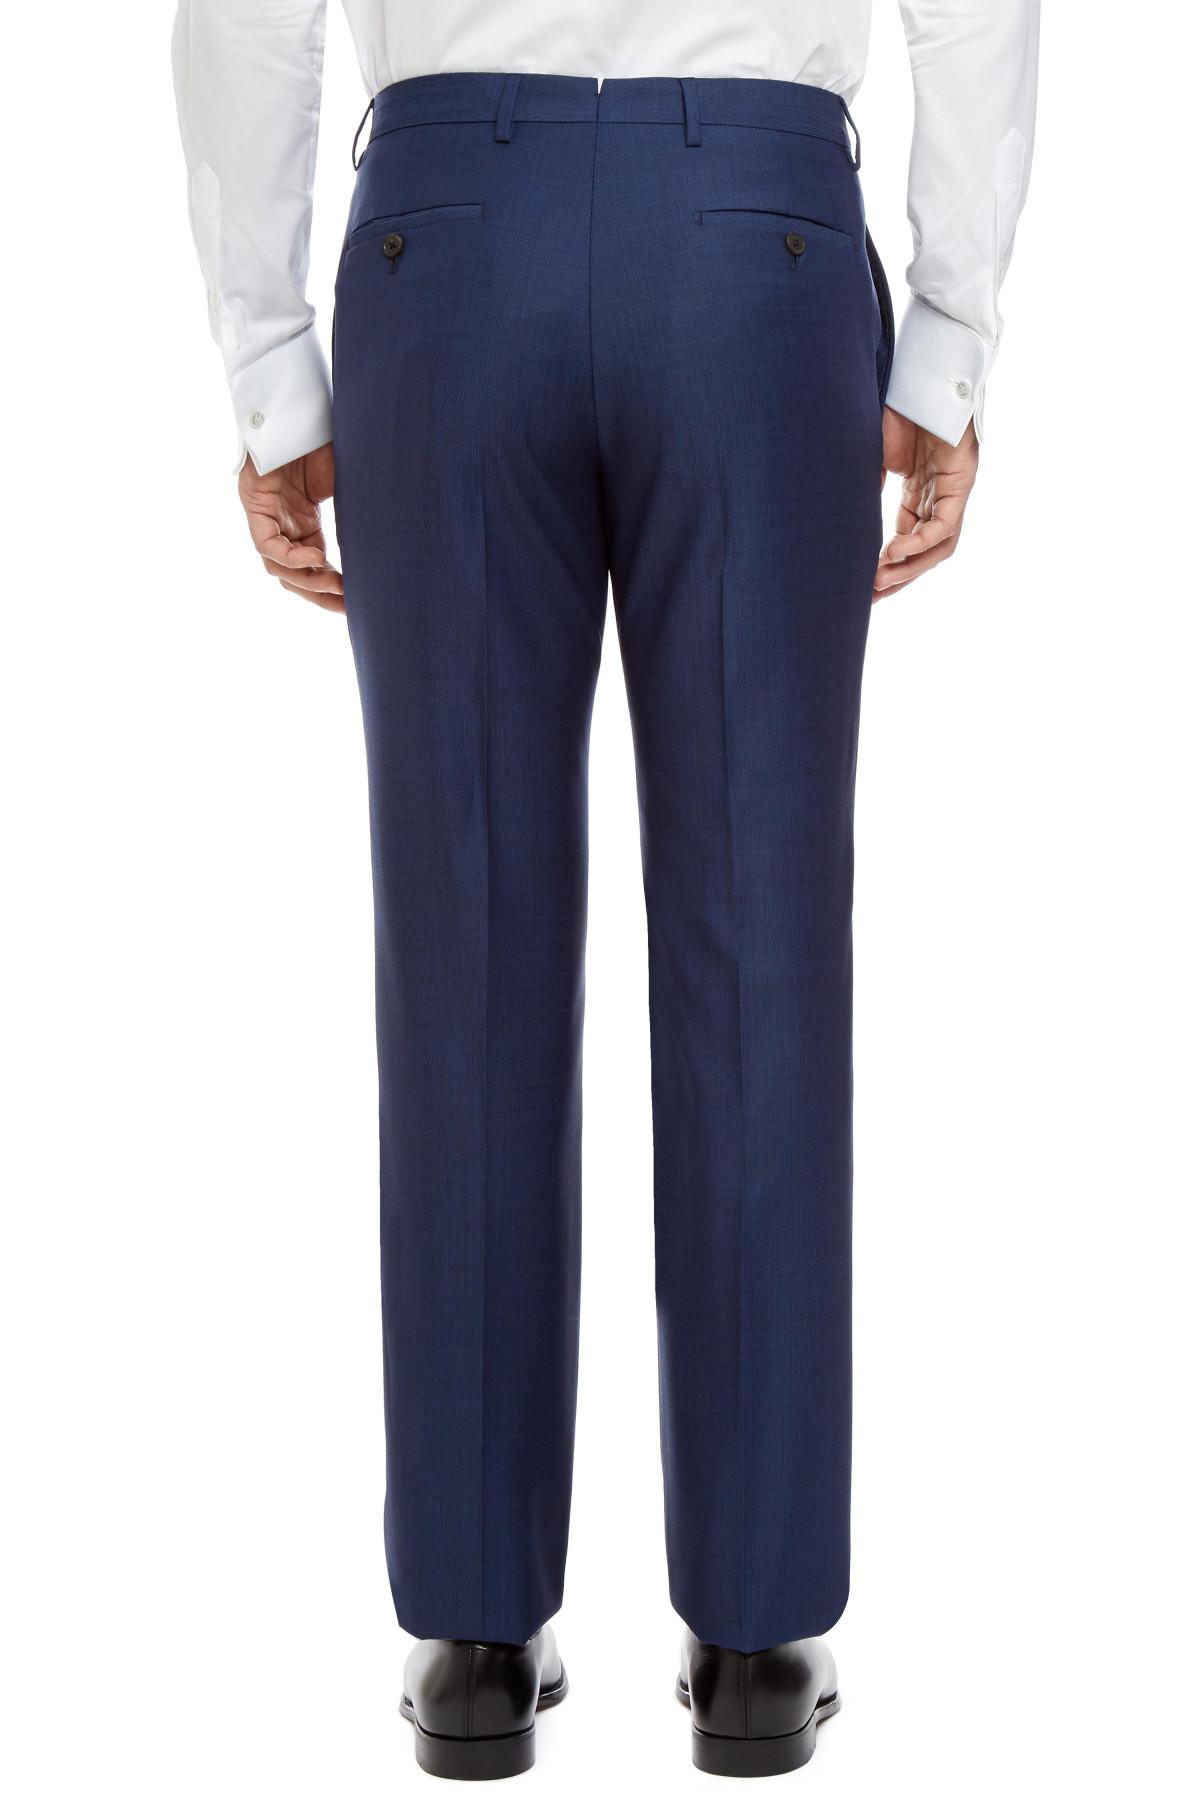 pantalon trasera 3 piezas